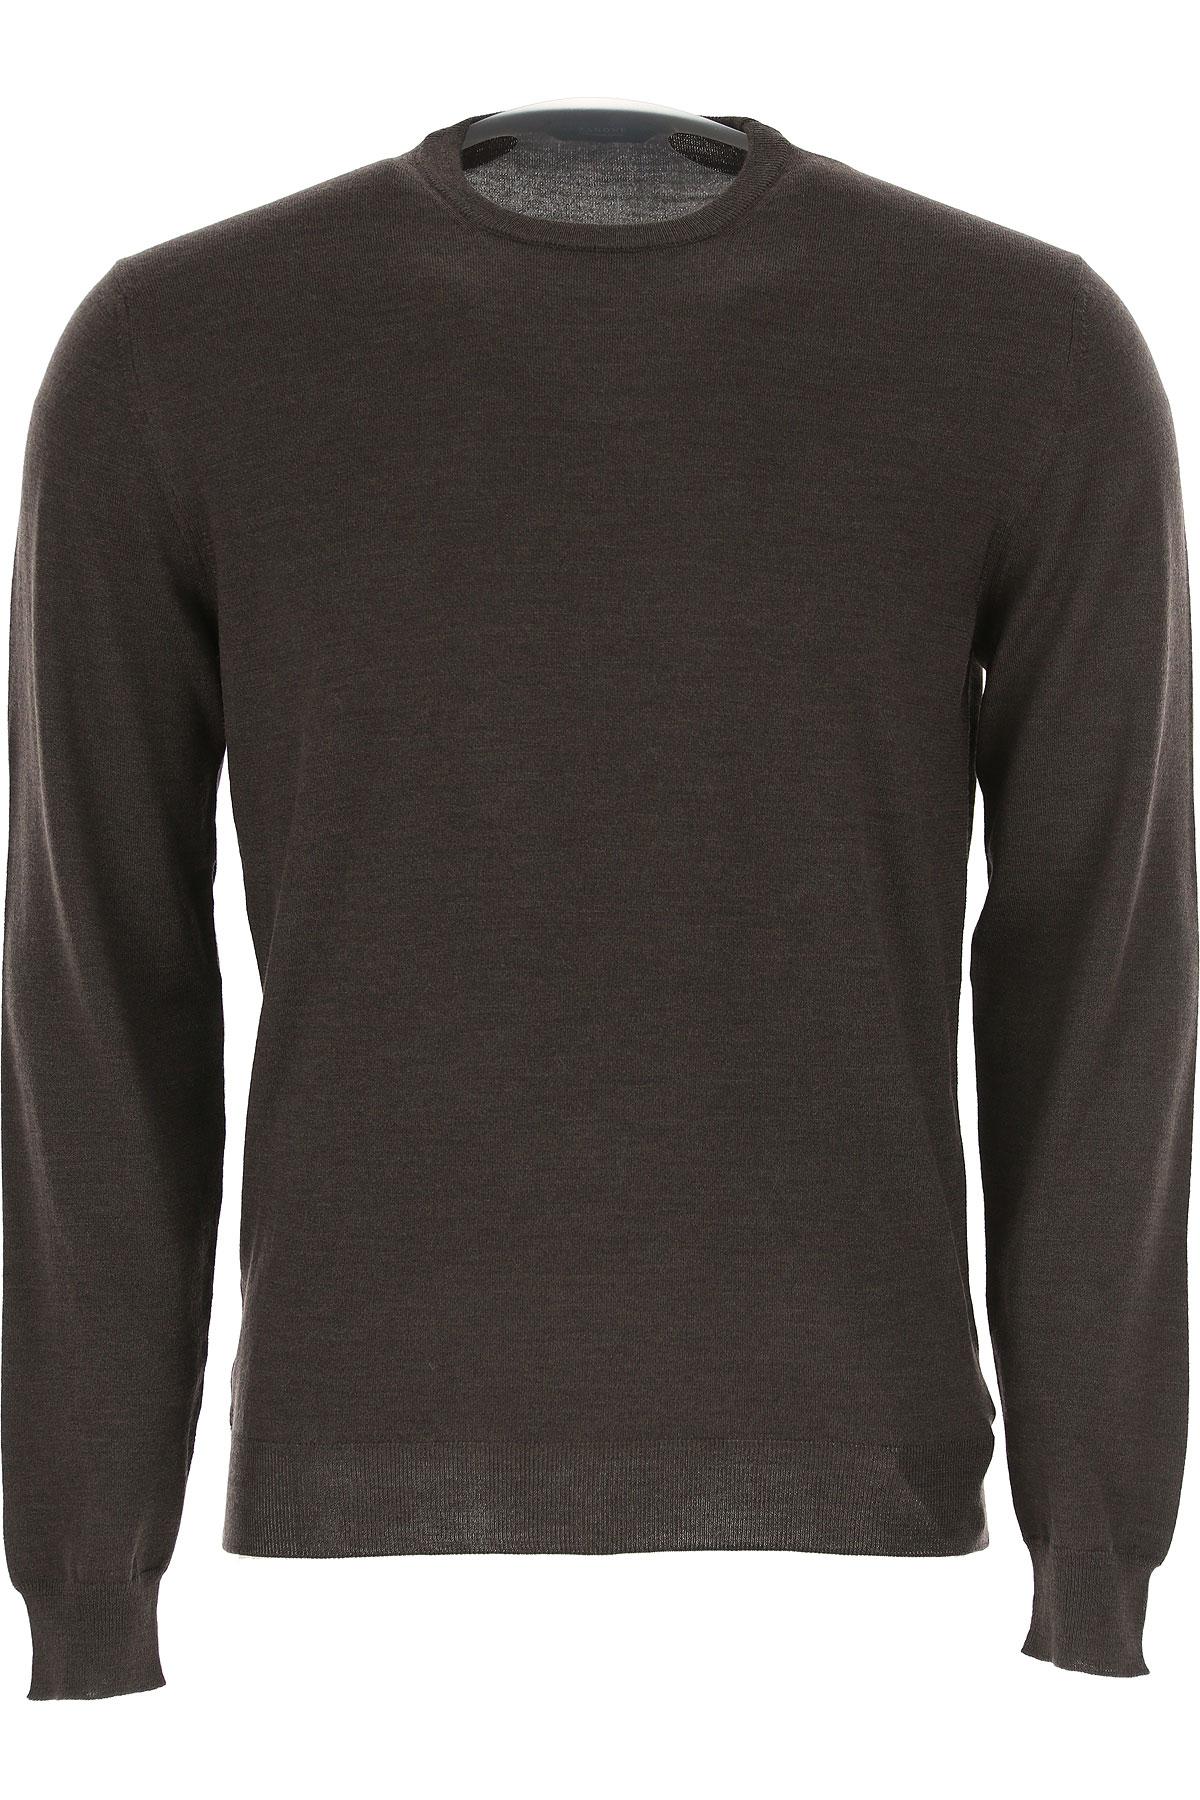 Image of Zanone Sweater for Men Jumper, Dark Brown, Wool, 2017, L XL XXL XXXL